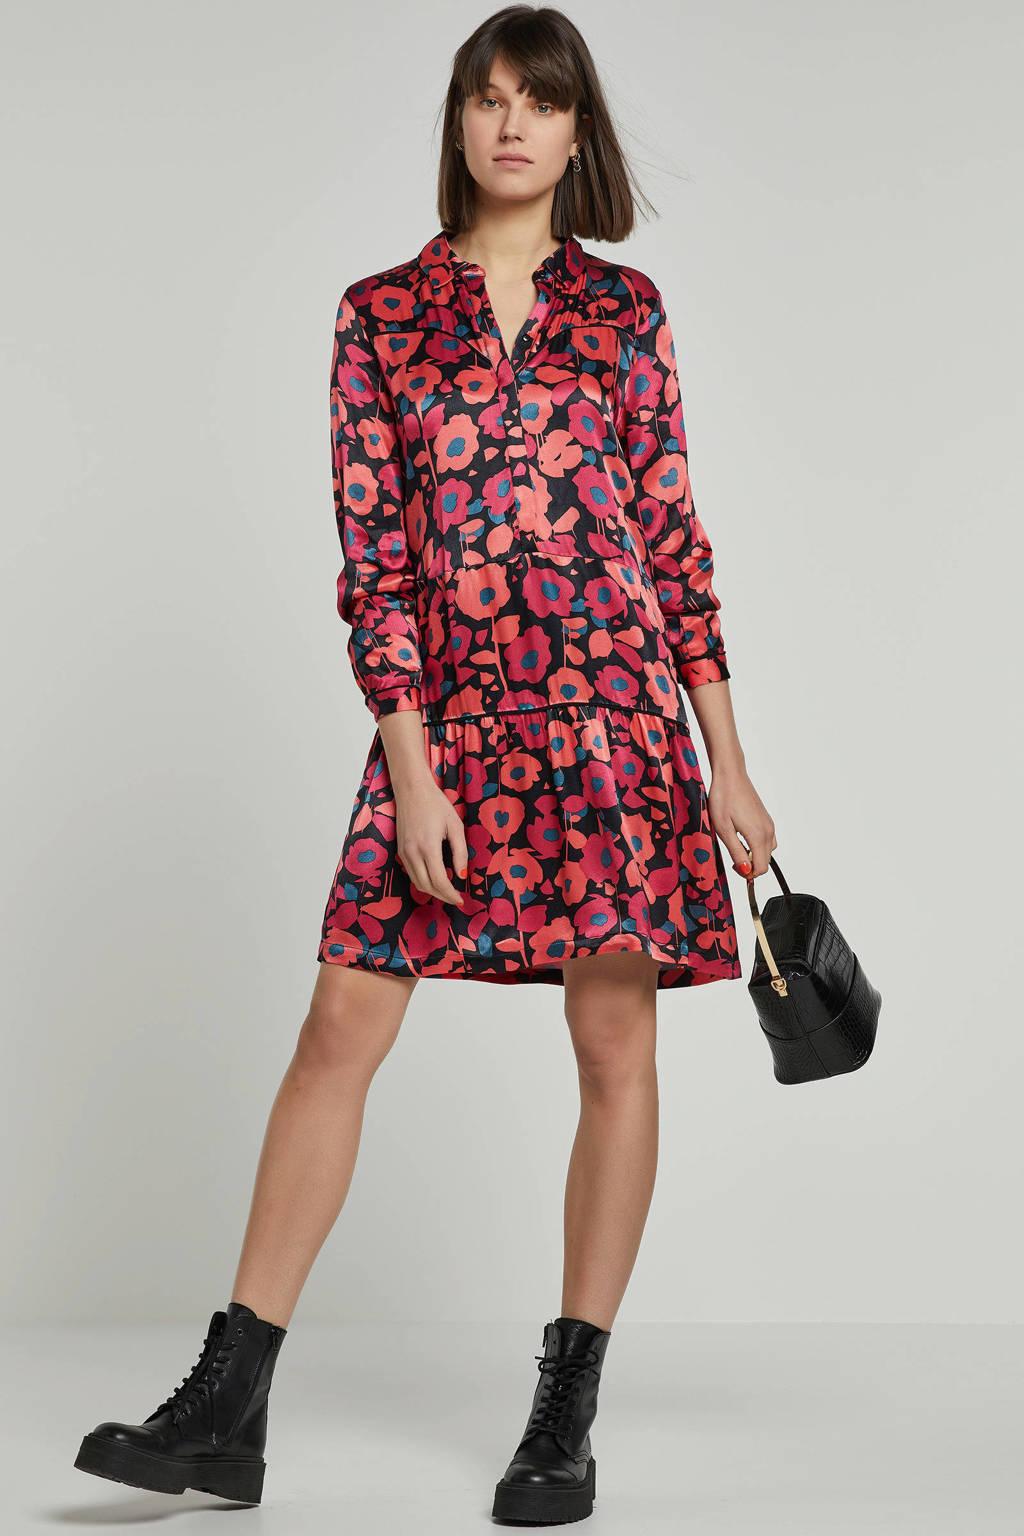 Freebird jurk met bloemen, Rood/zwart